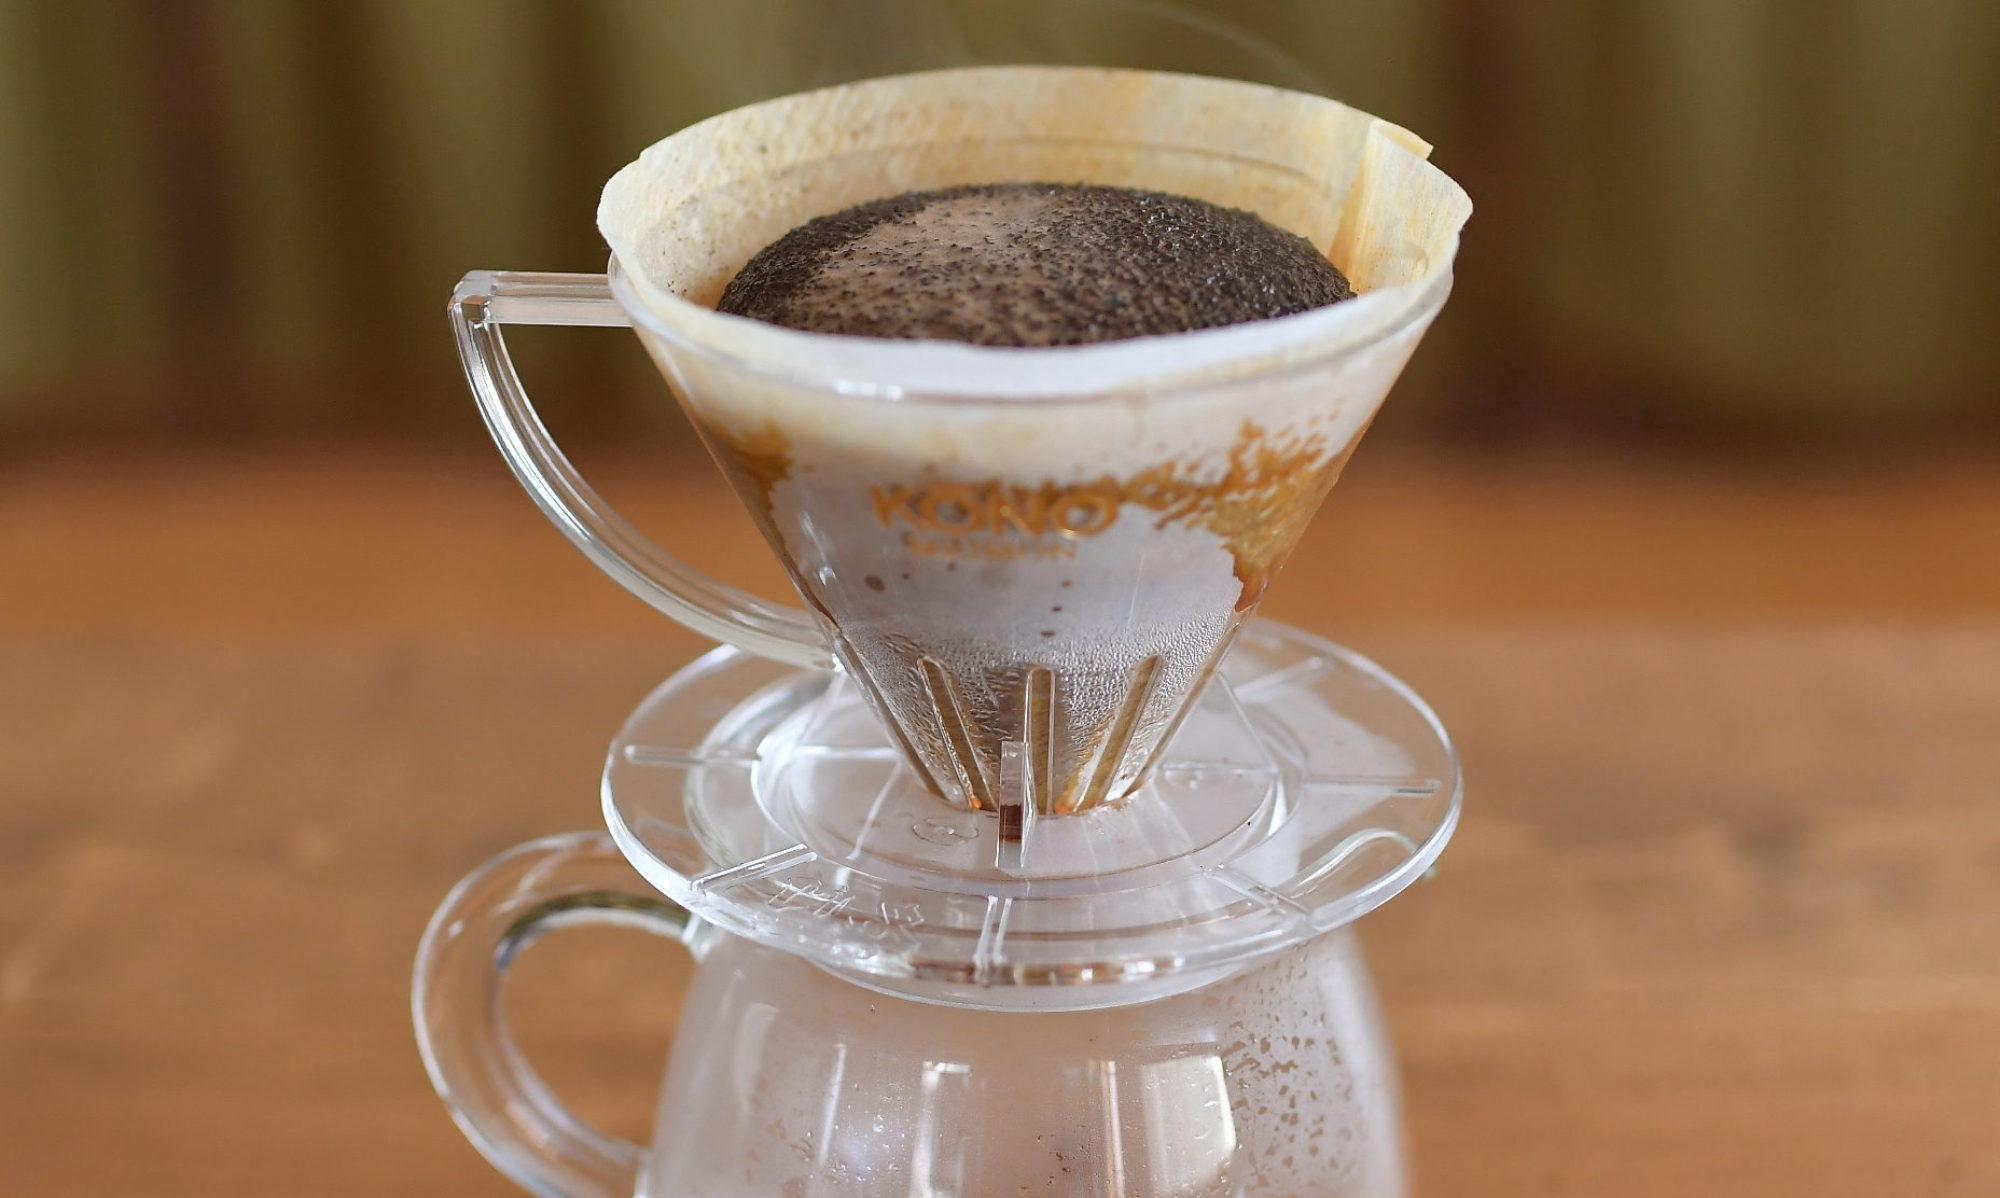 珈琲豆ましろ 広島県尾道市/向島/スペシャルティコーヒー豆の焙煎・販売店 coffee beans mashiro